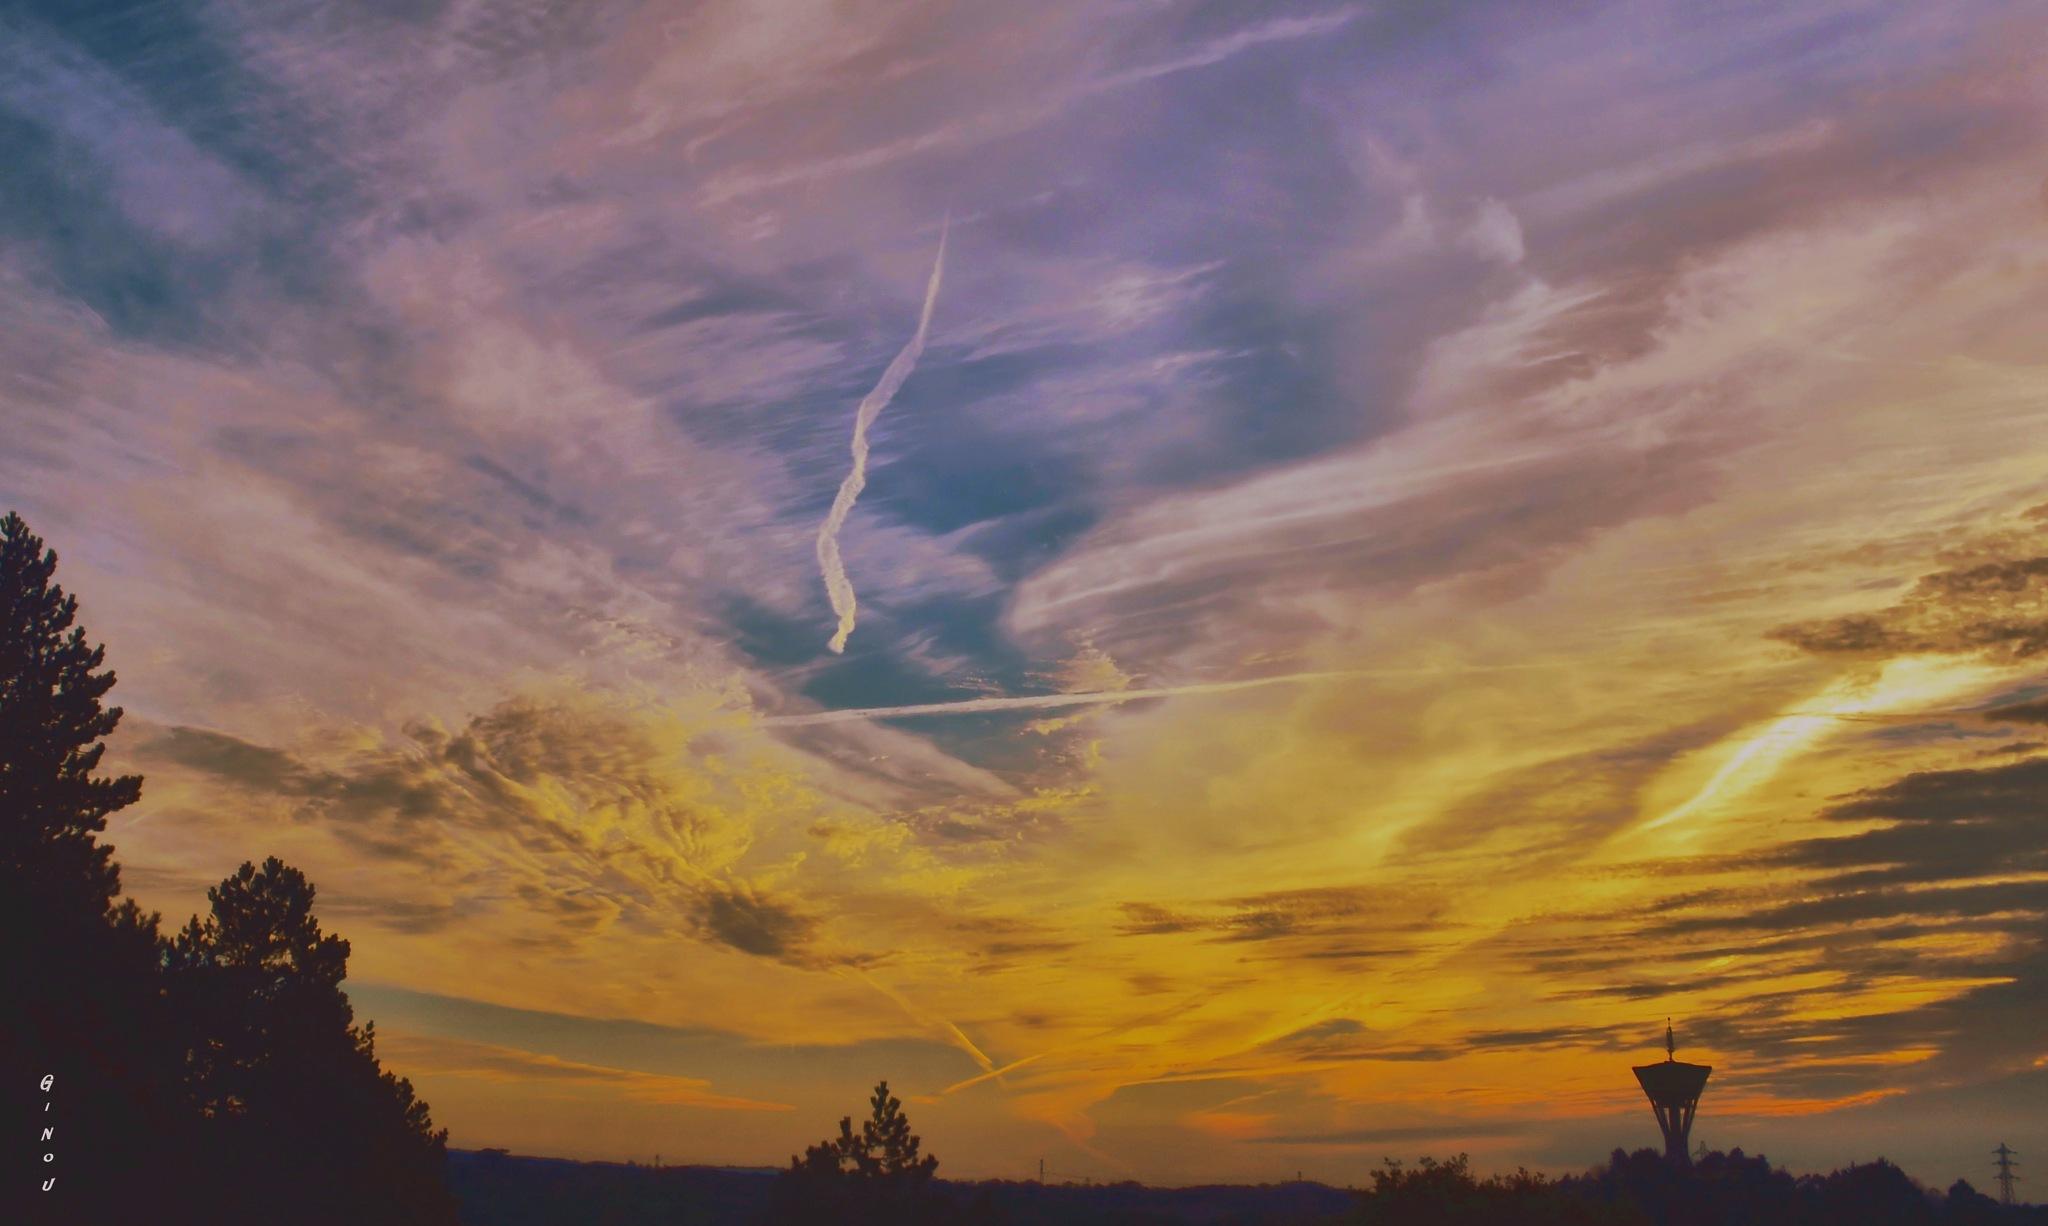 Rien qu'un ciel... by Creusson Ginette